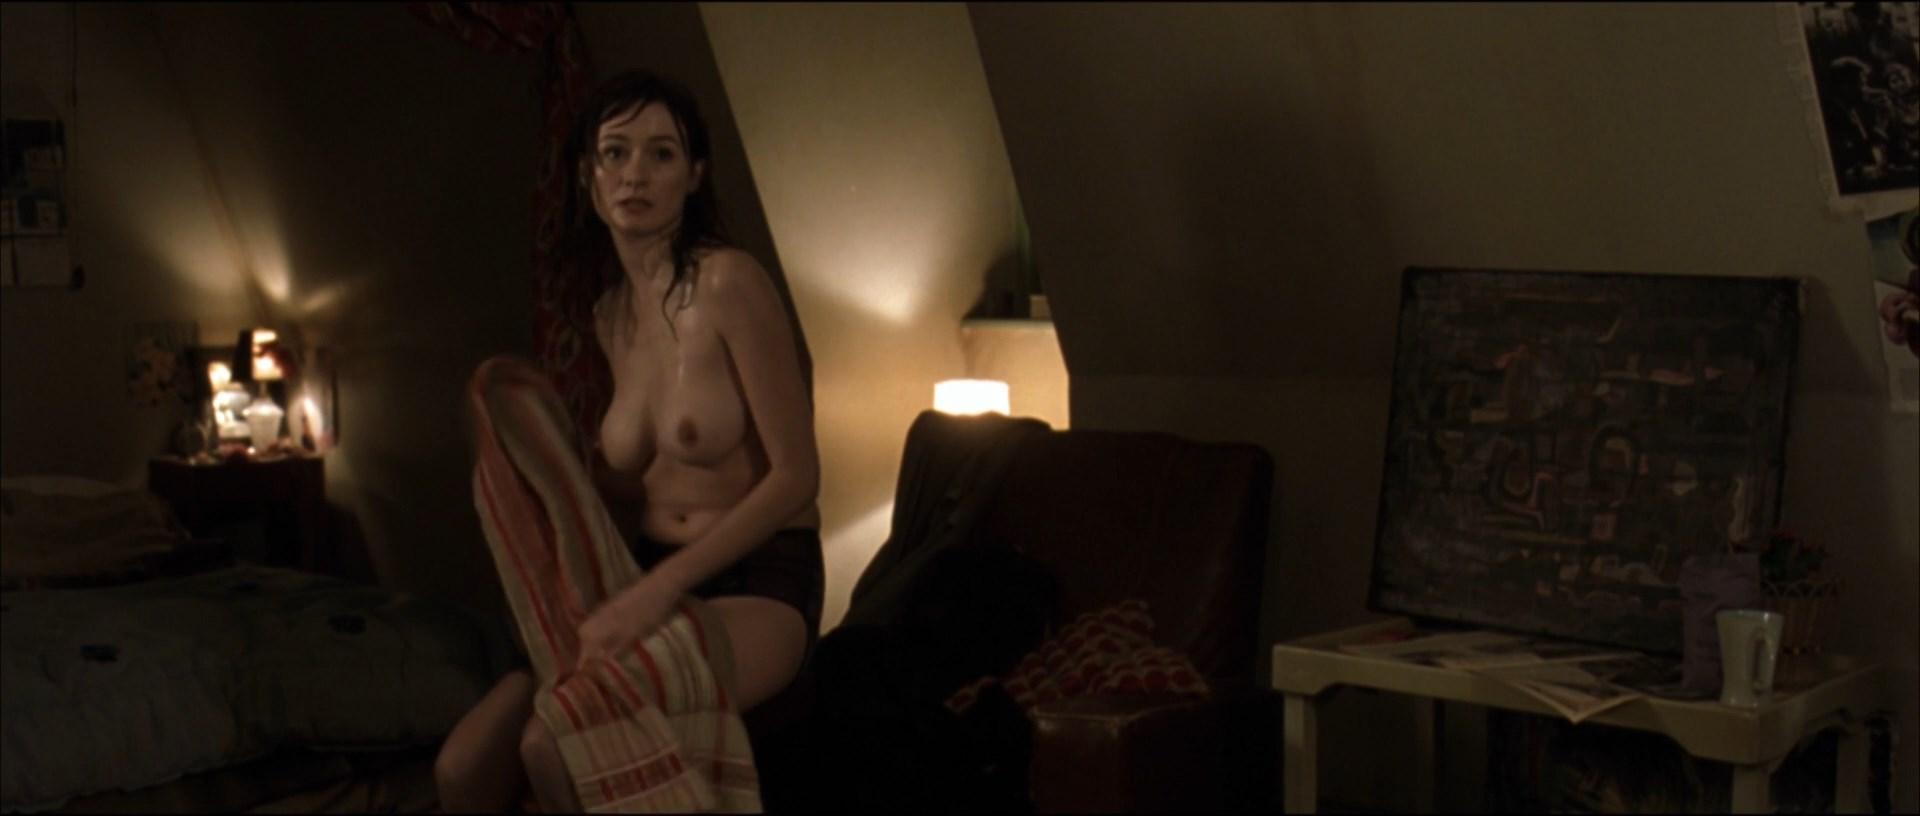 Emily mortimer full frontal nudity